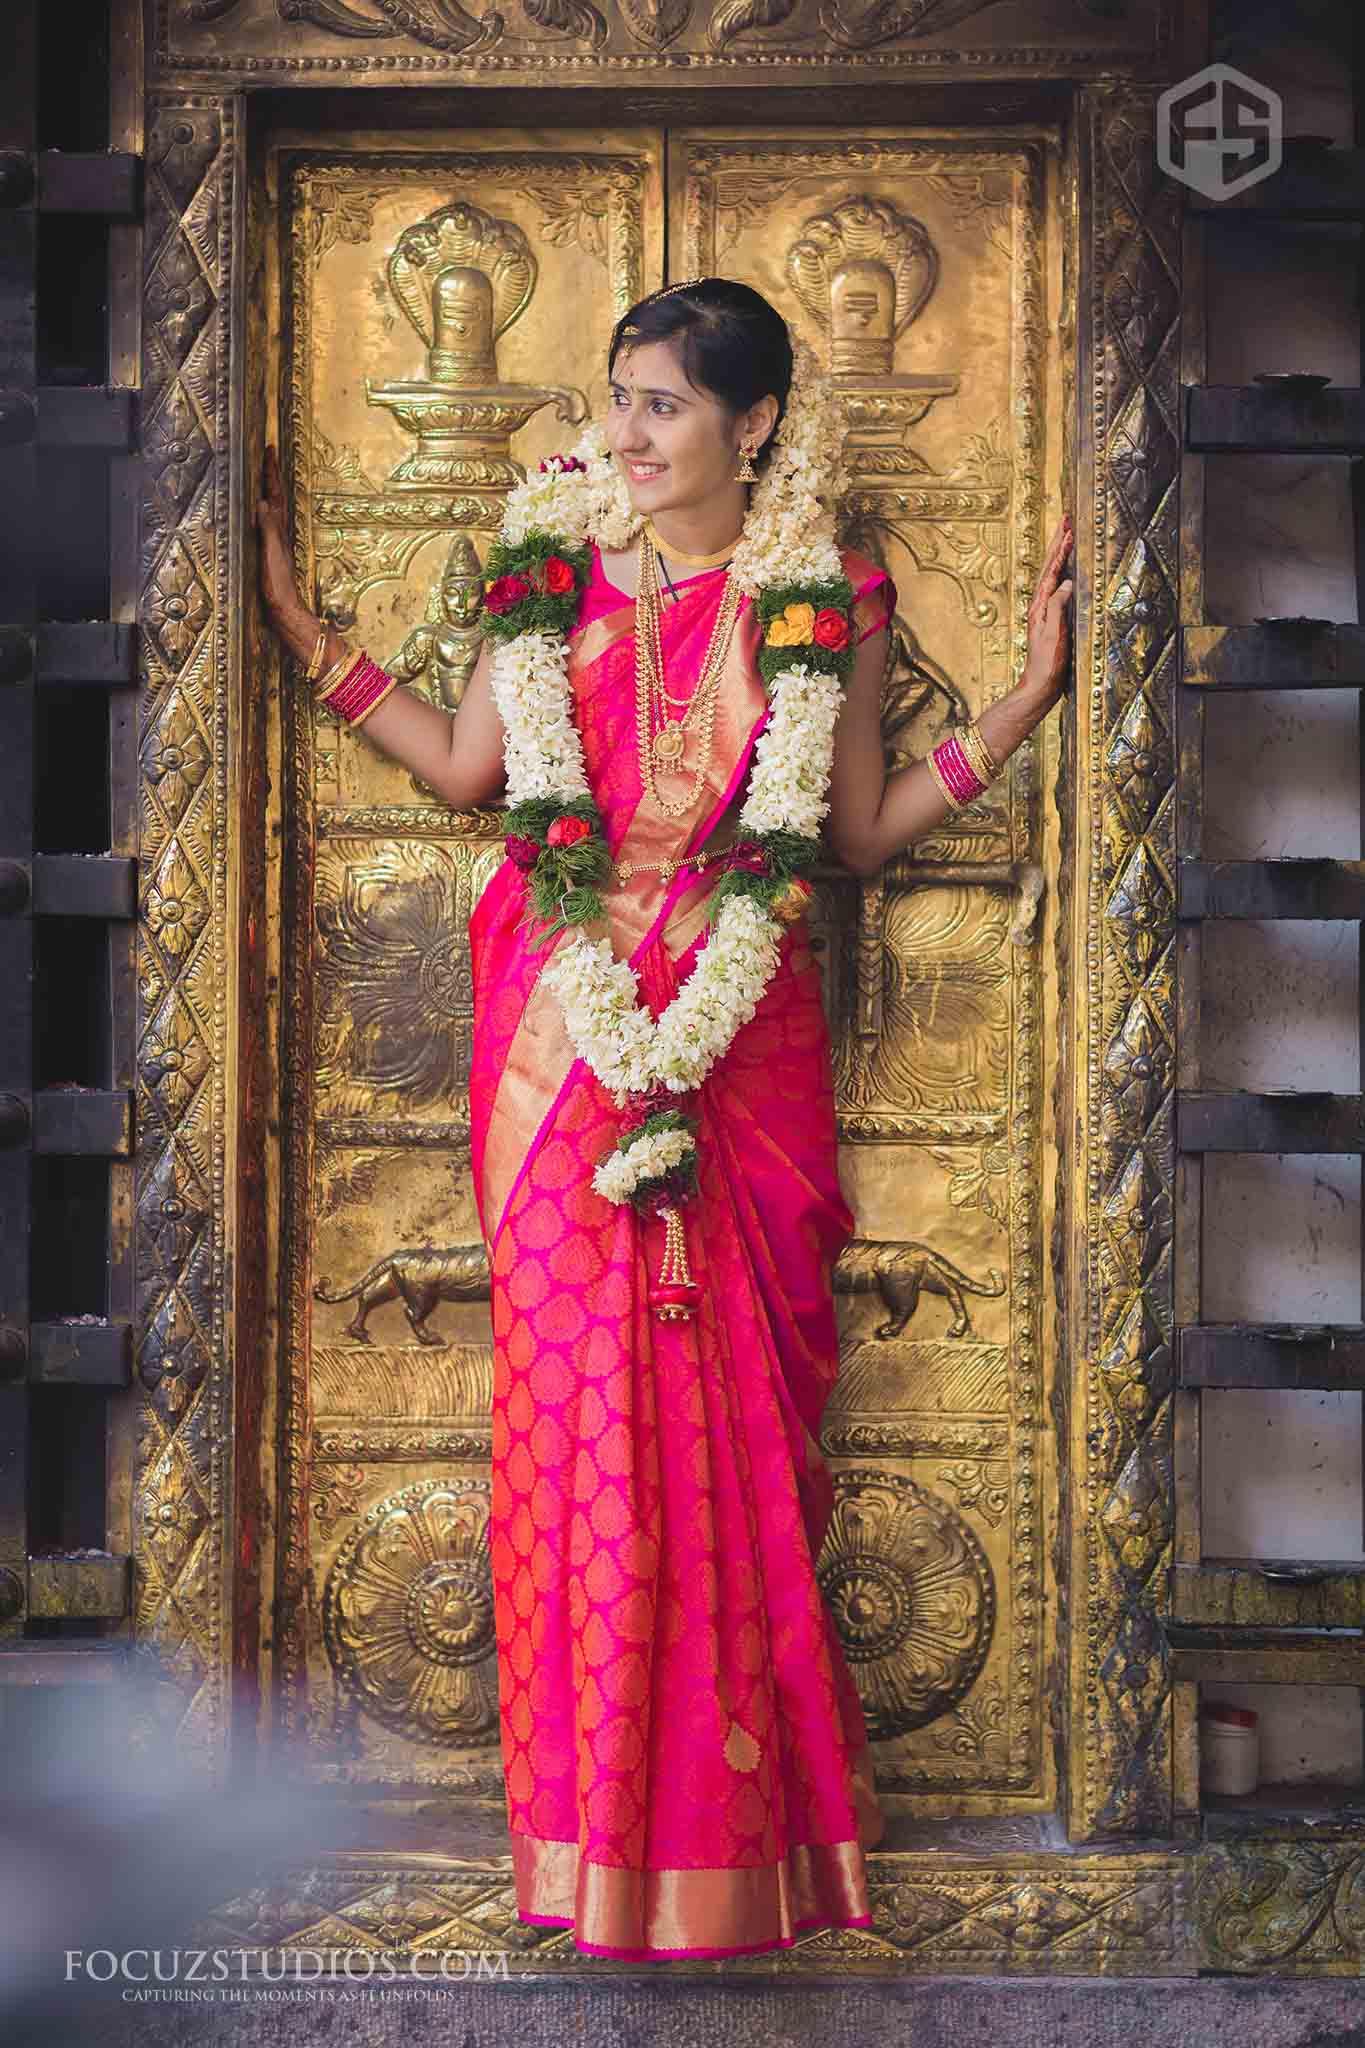 udupi-brahmins-wedding-photography-kerala-27